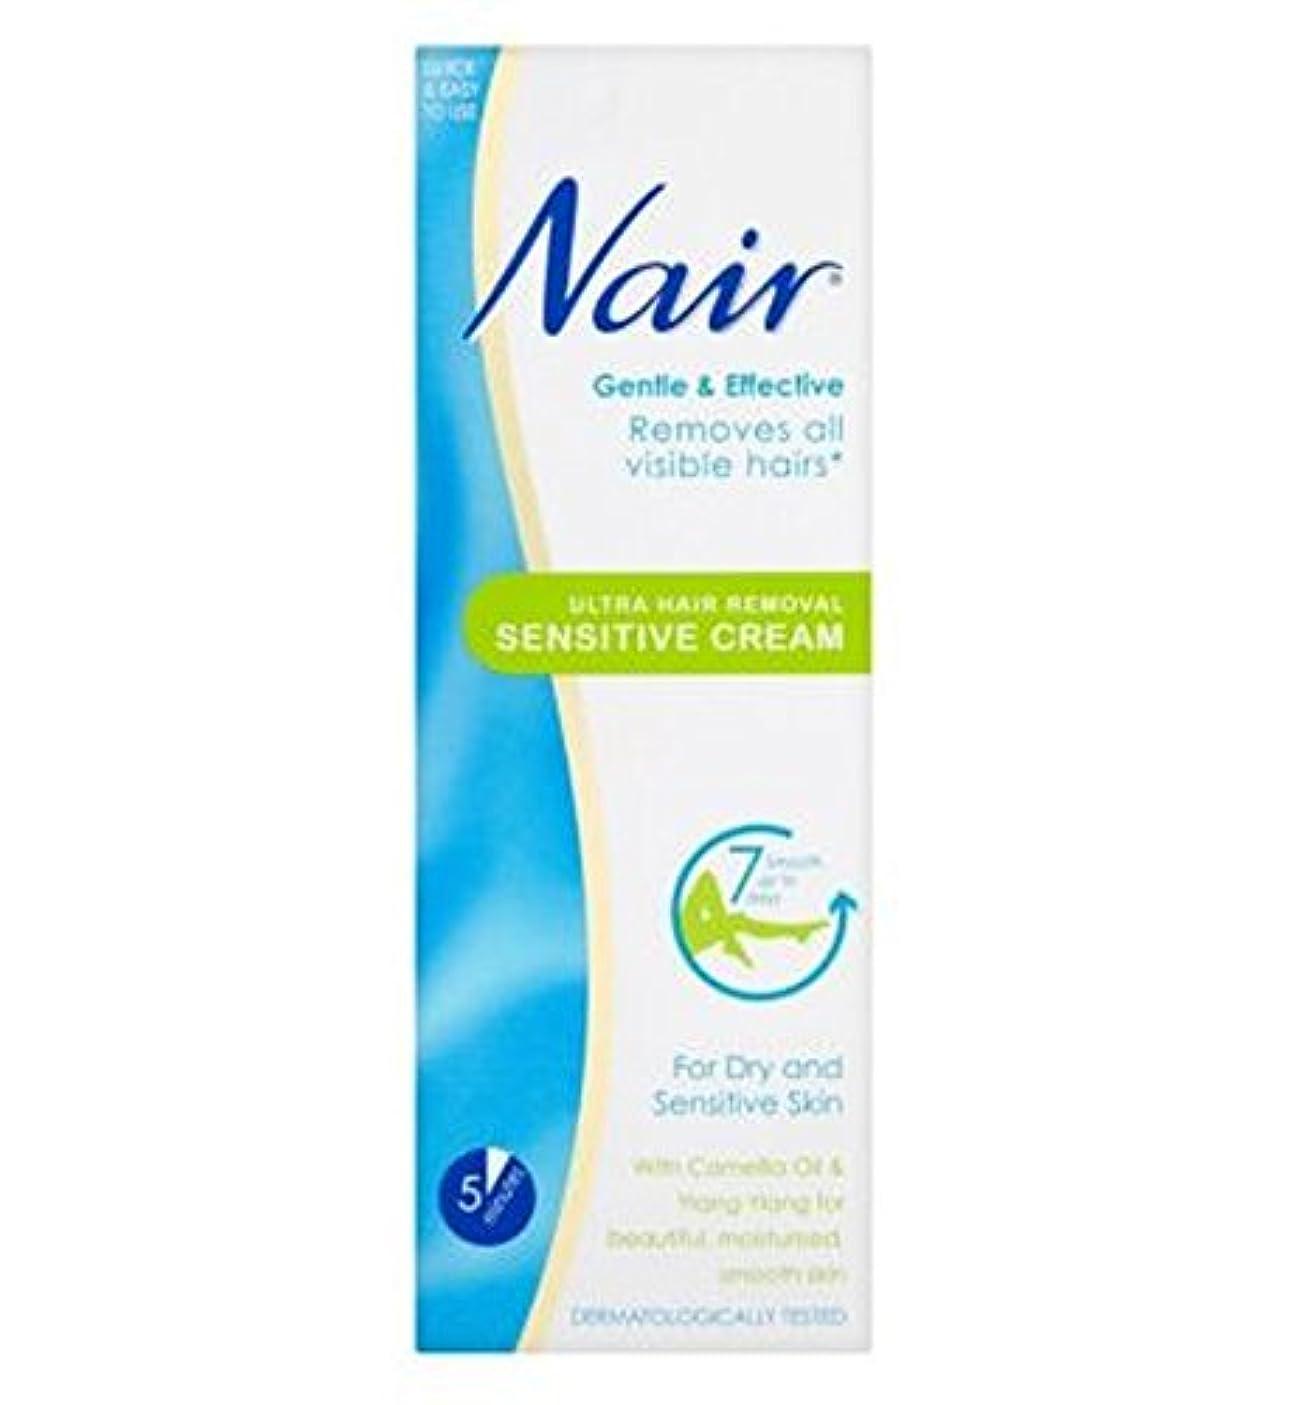 スカープ家禽資金Nair Sensitive Hair Removal Cream 200ml - Nairさん敏感な脱毛クリーム200ミリリットル (Nair) [並行輸入品]